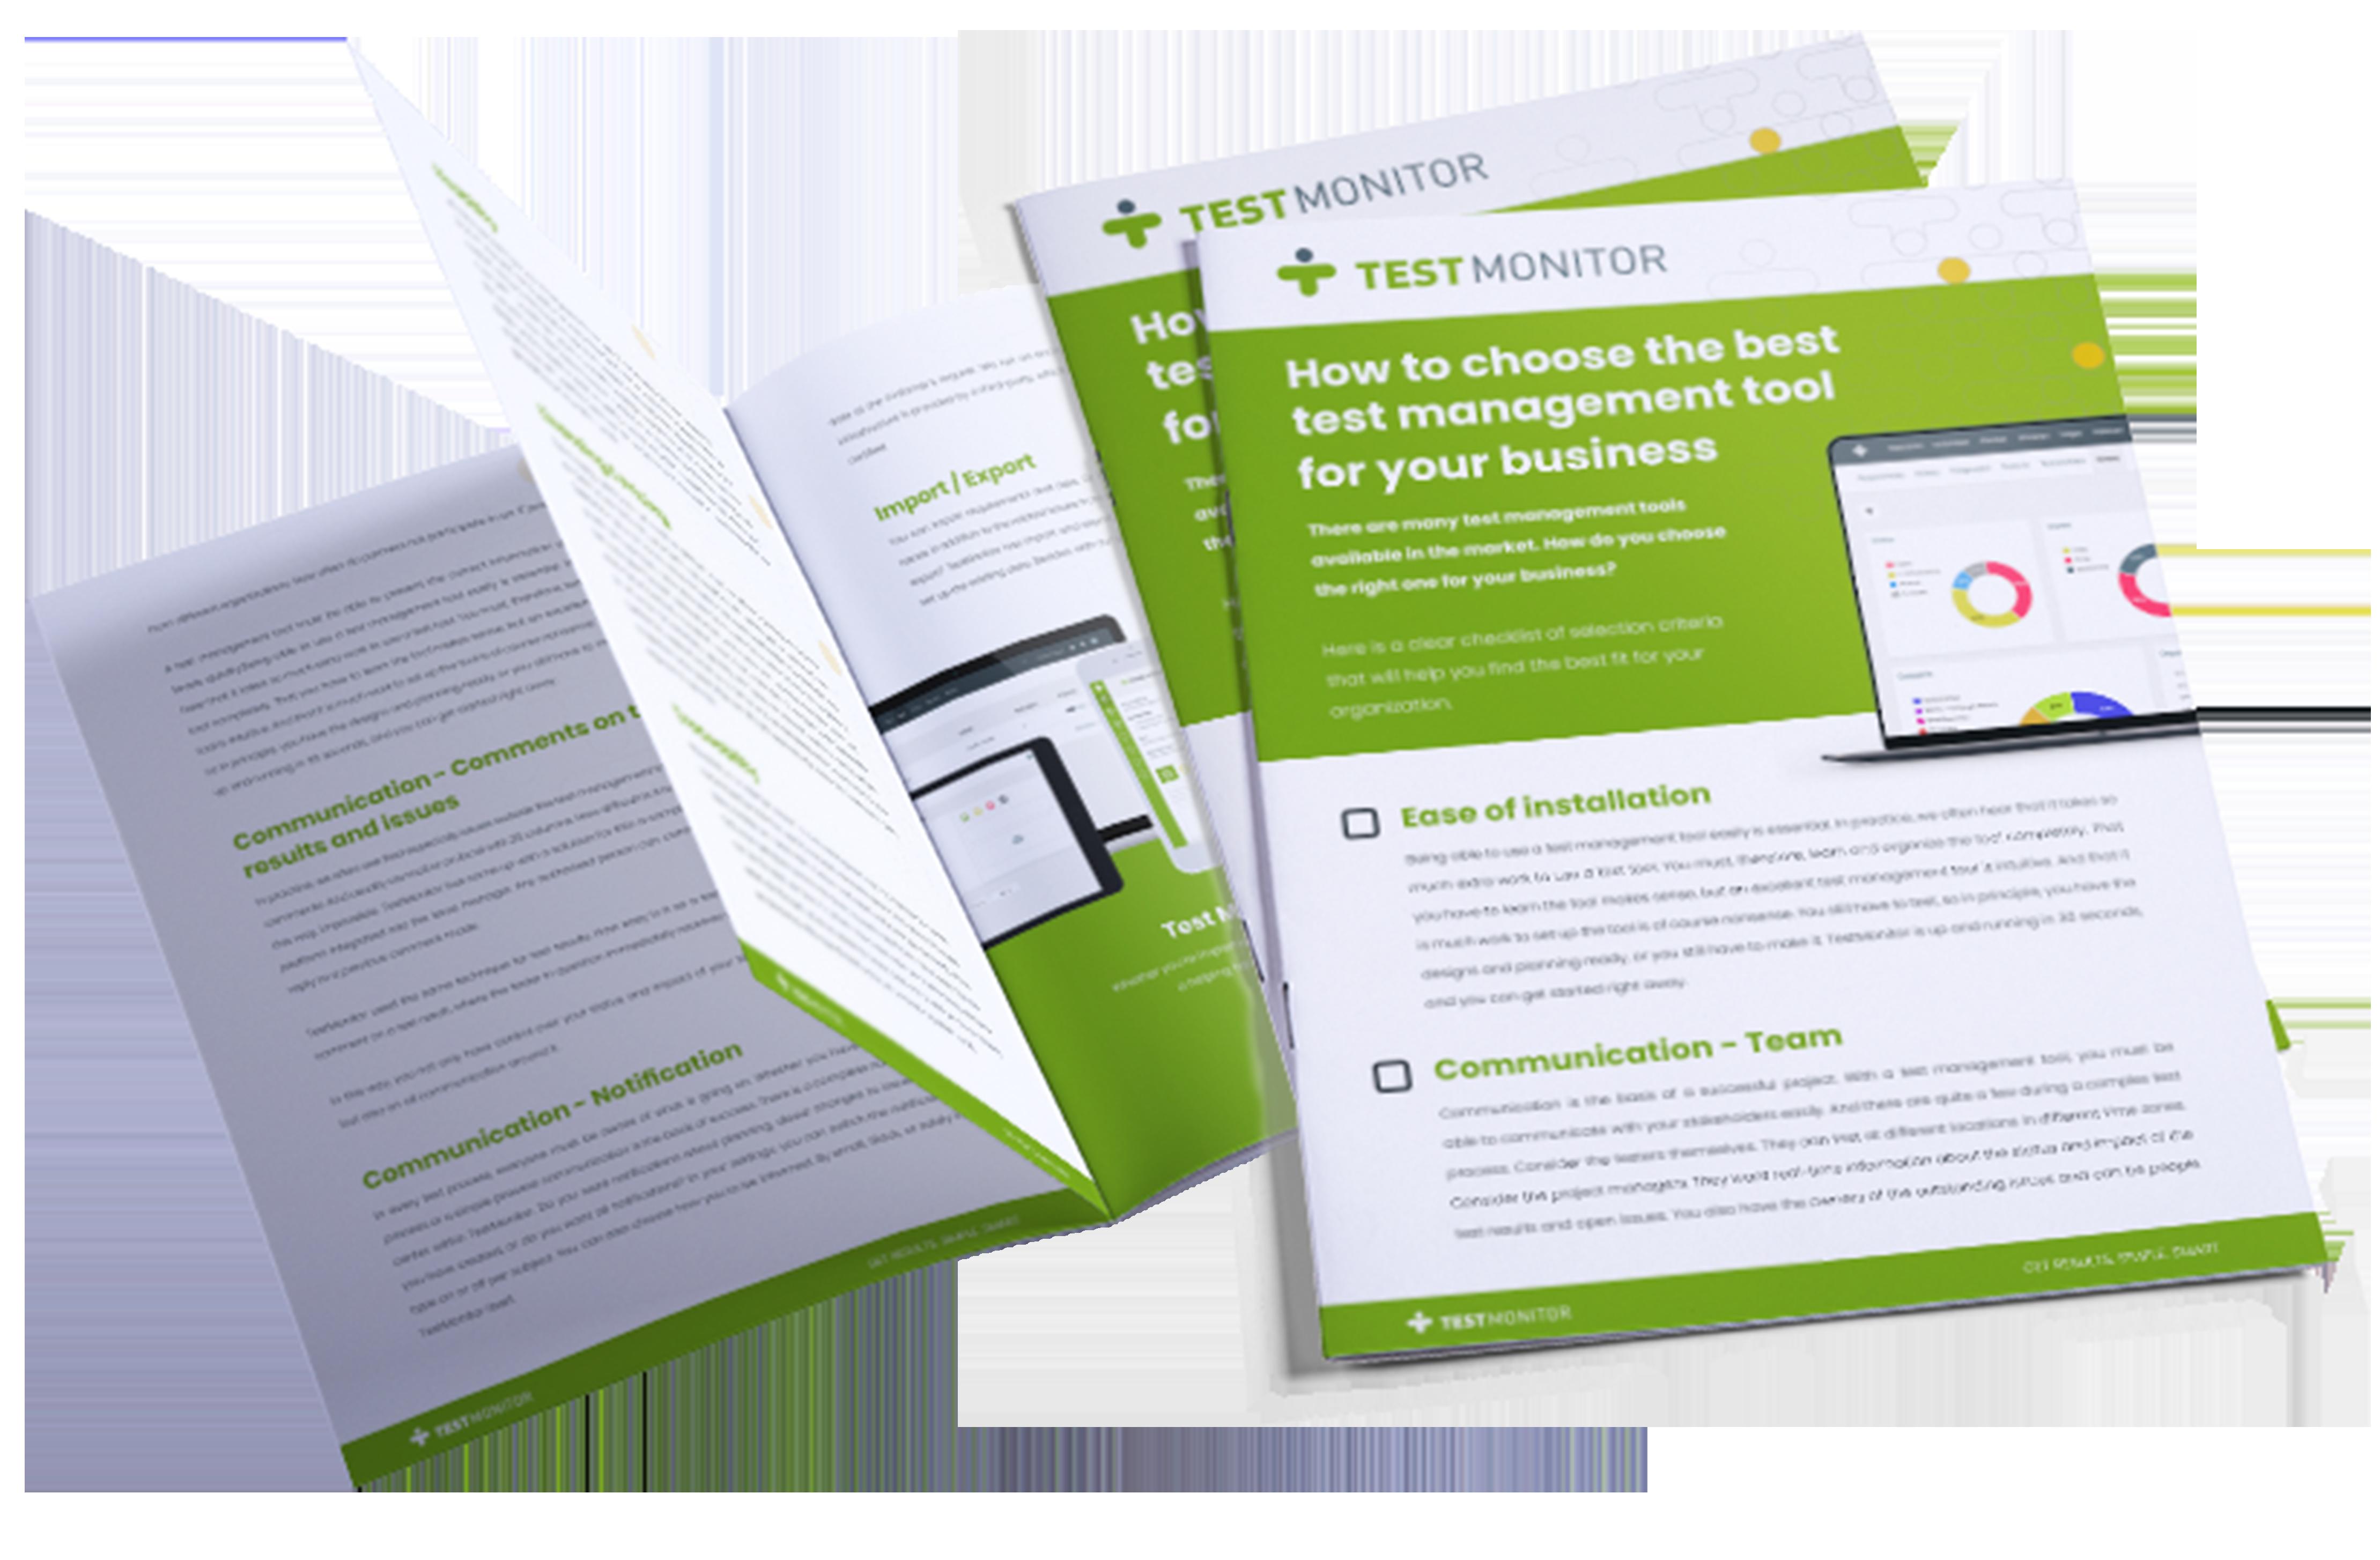 Checklist-TestManagement-TM